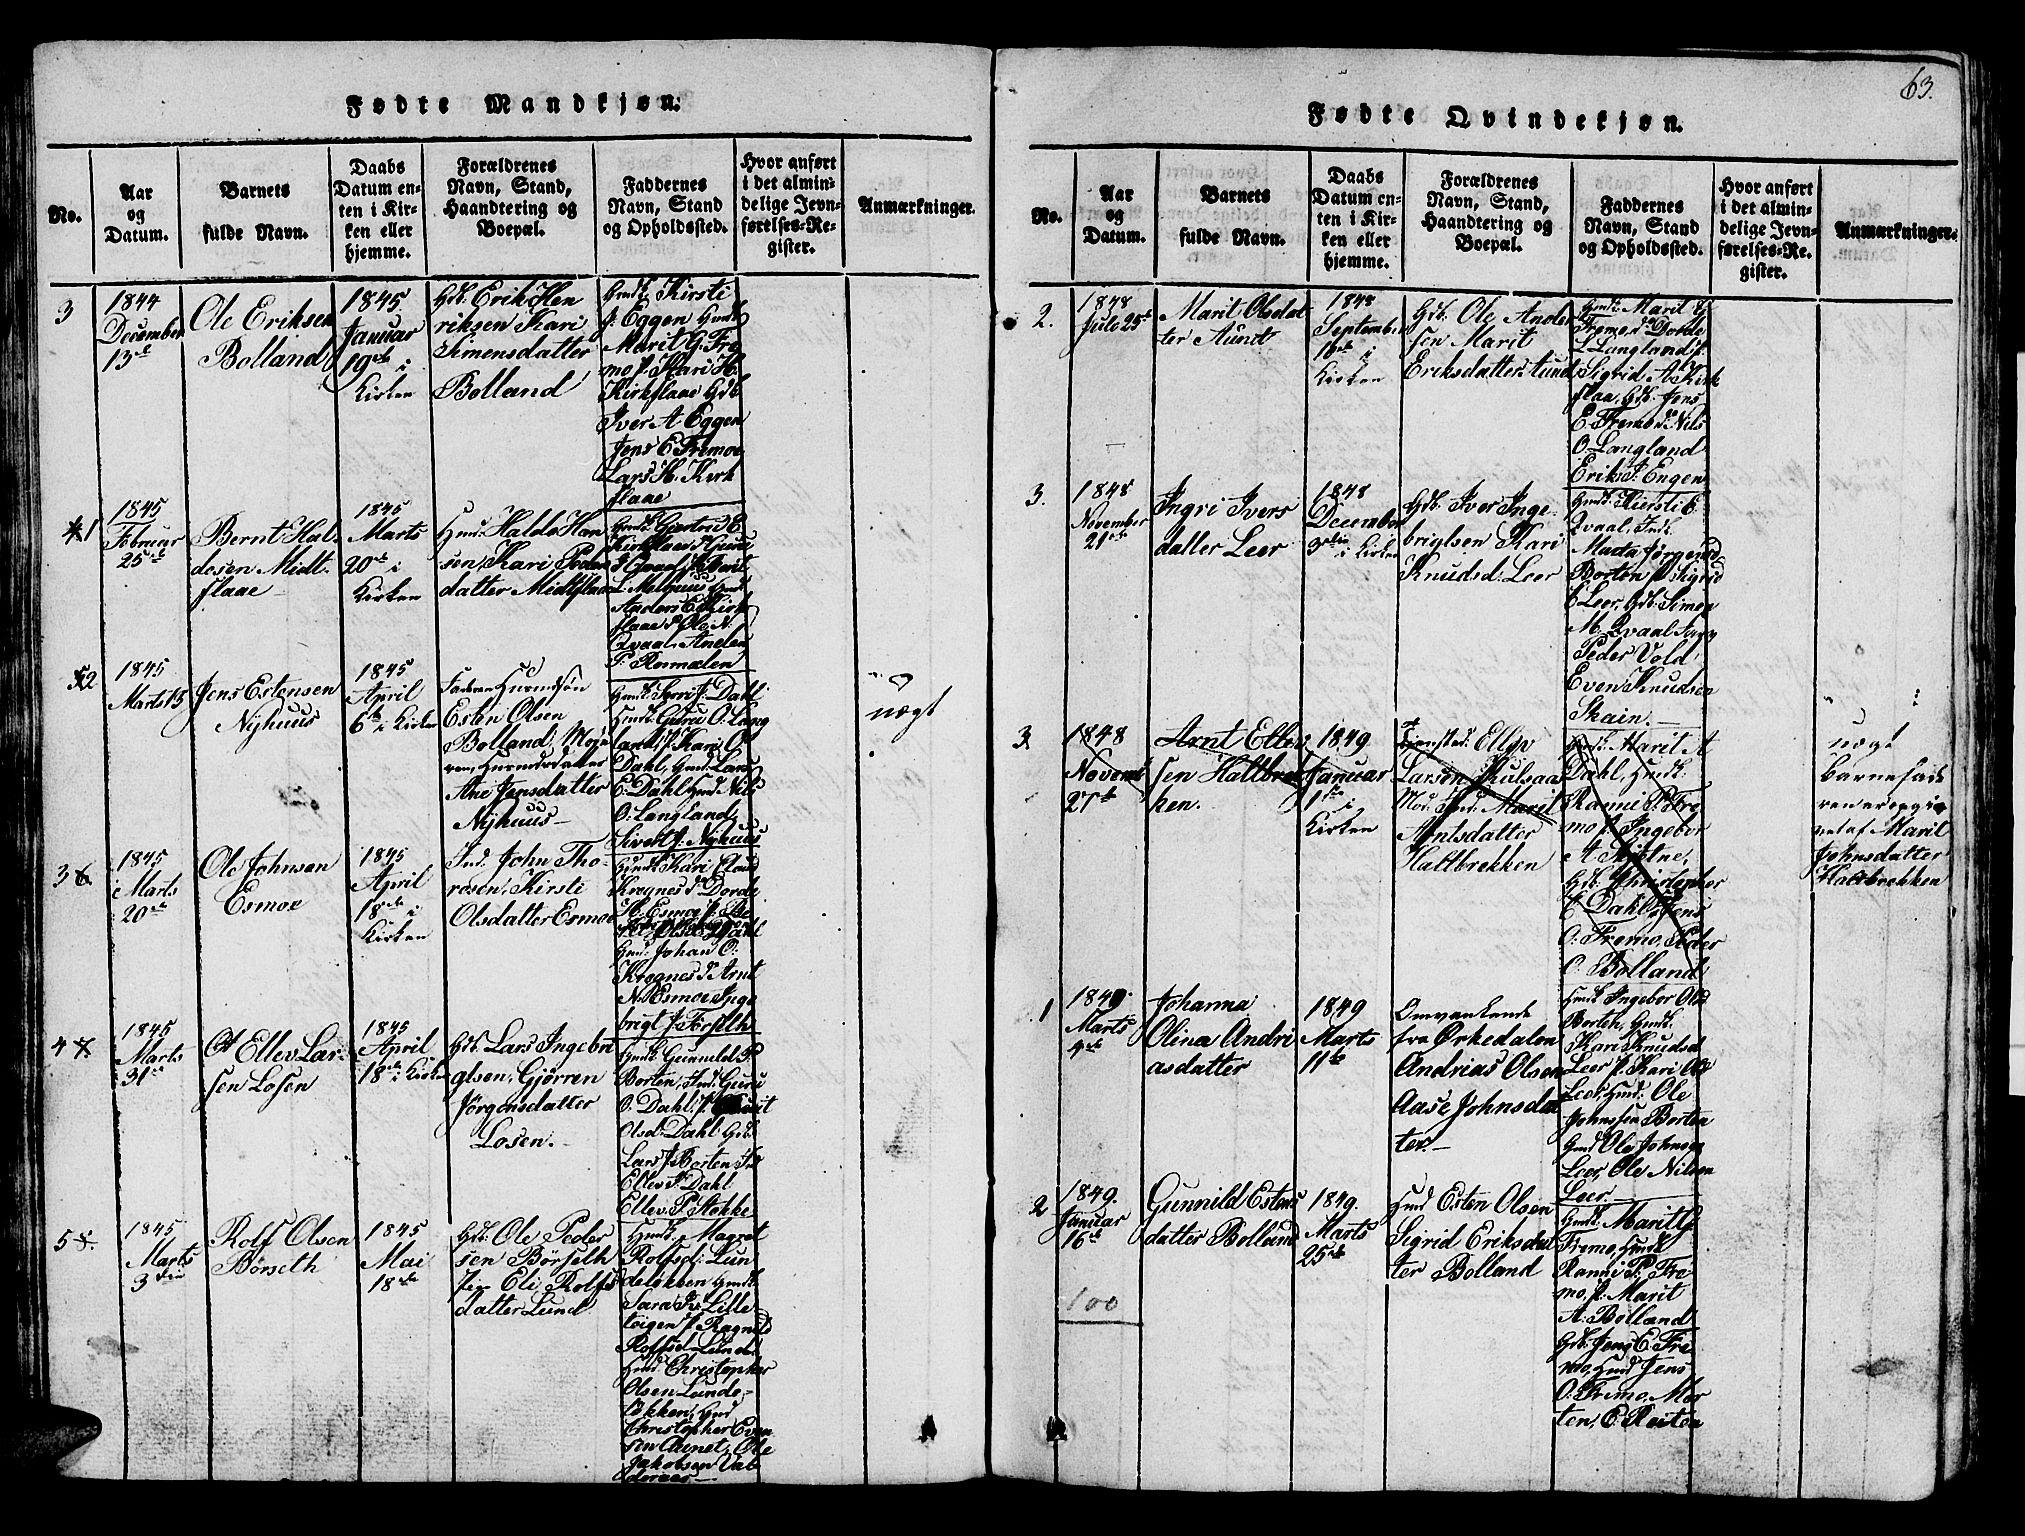 SAT, Ministerialprotokoller, klokkerbøker og fødselsregistre - Sør-Trøndelag, 693/L1121: Klokkerbok nr. 693C02, 1816-1869, s. 63